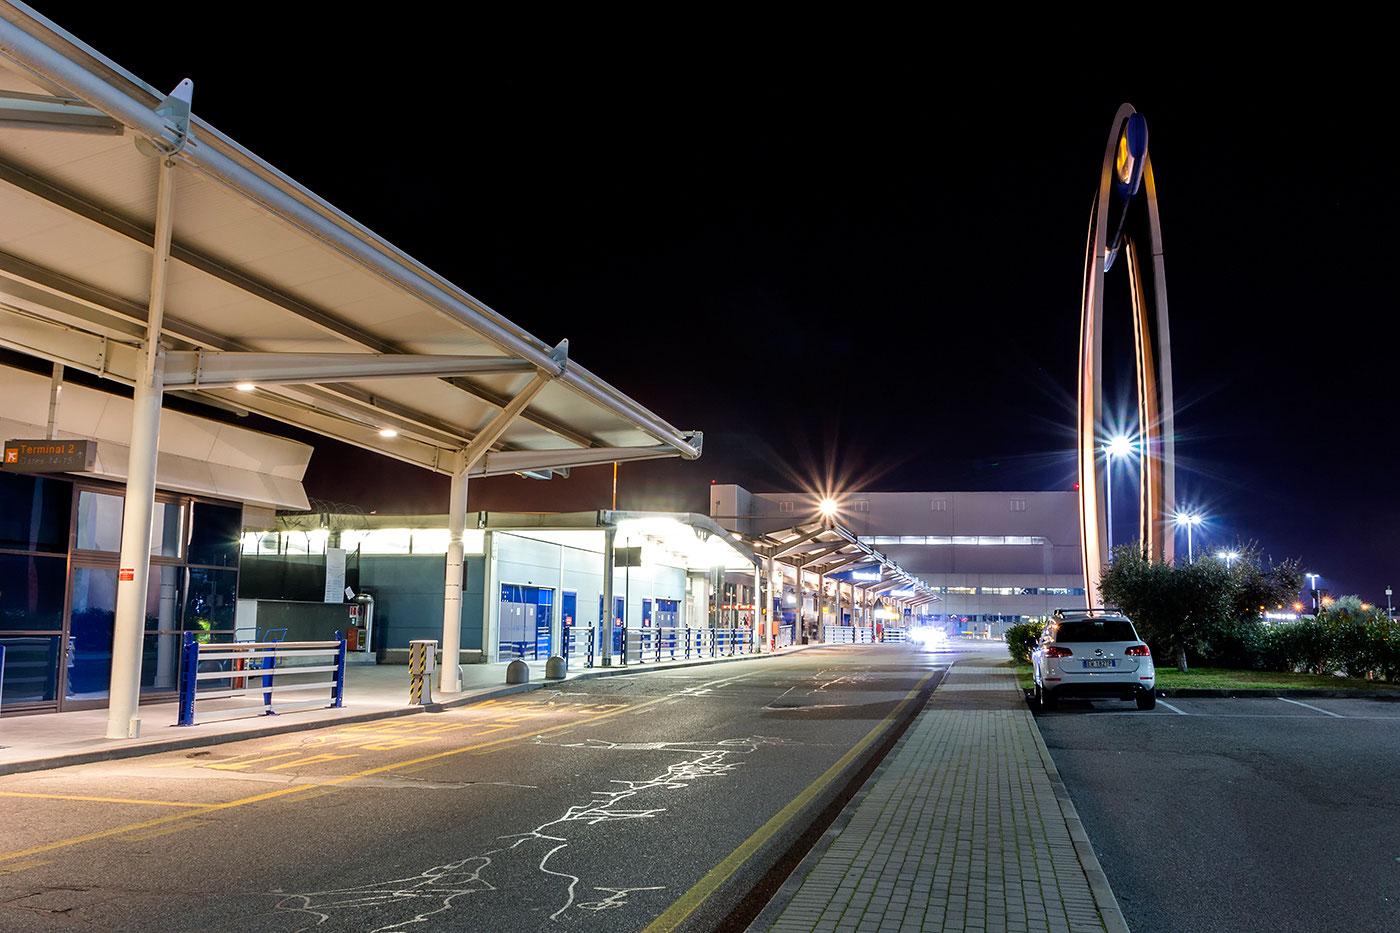 Aeroporto di Verona: aggiornamento su rotte e destinazioni ...